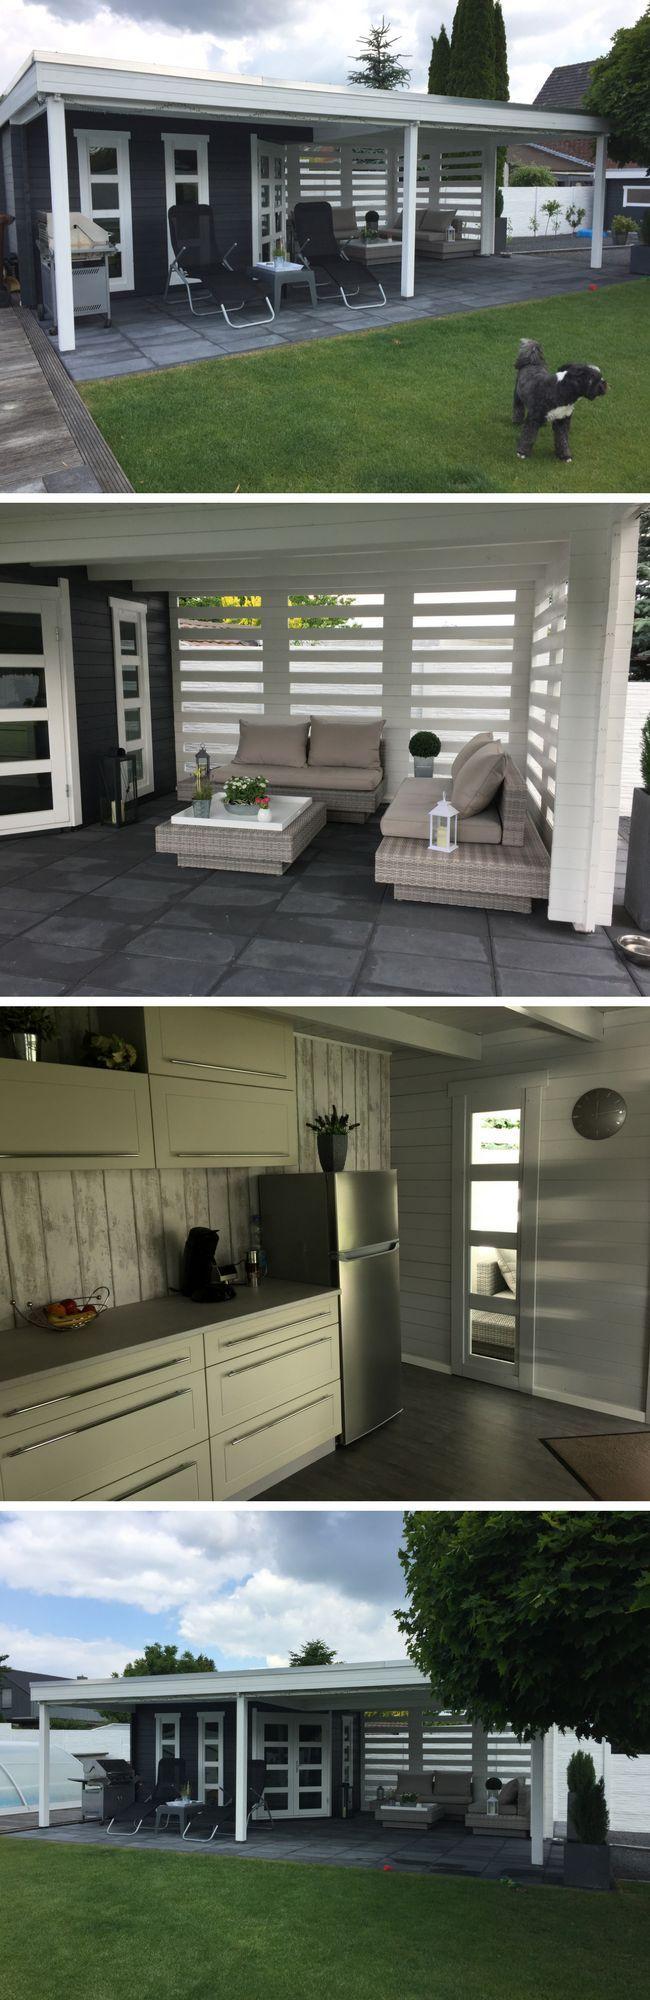 Mit Dem Gartenhaus Panama 40 Konnen Sie Auch Bei Trockenem Regen In